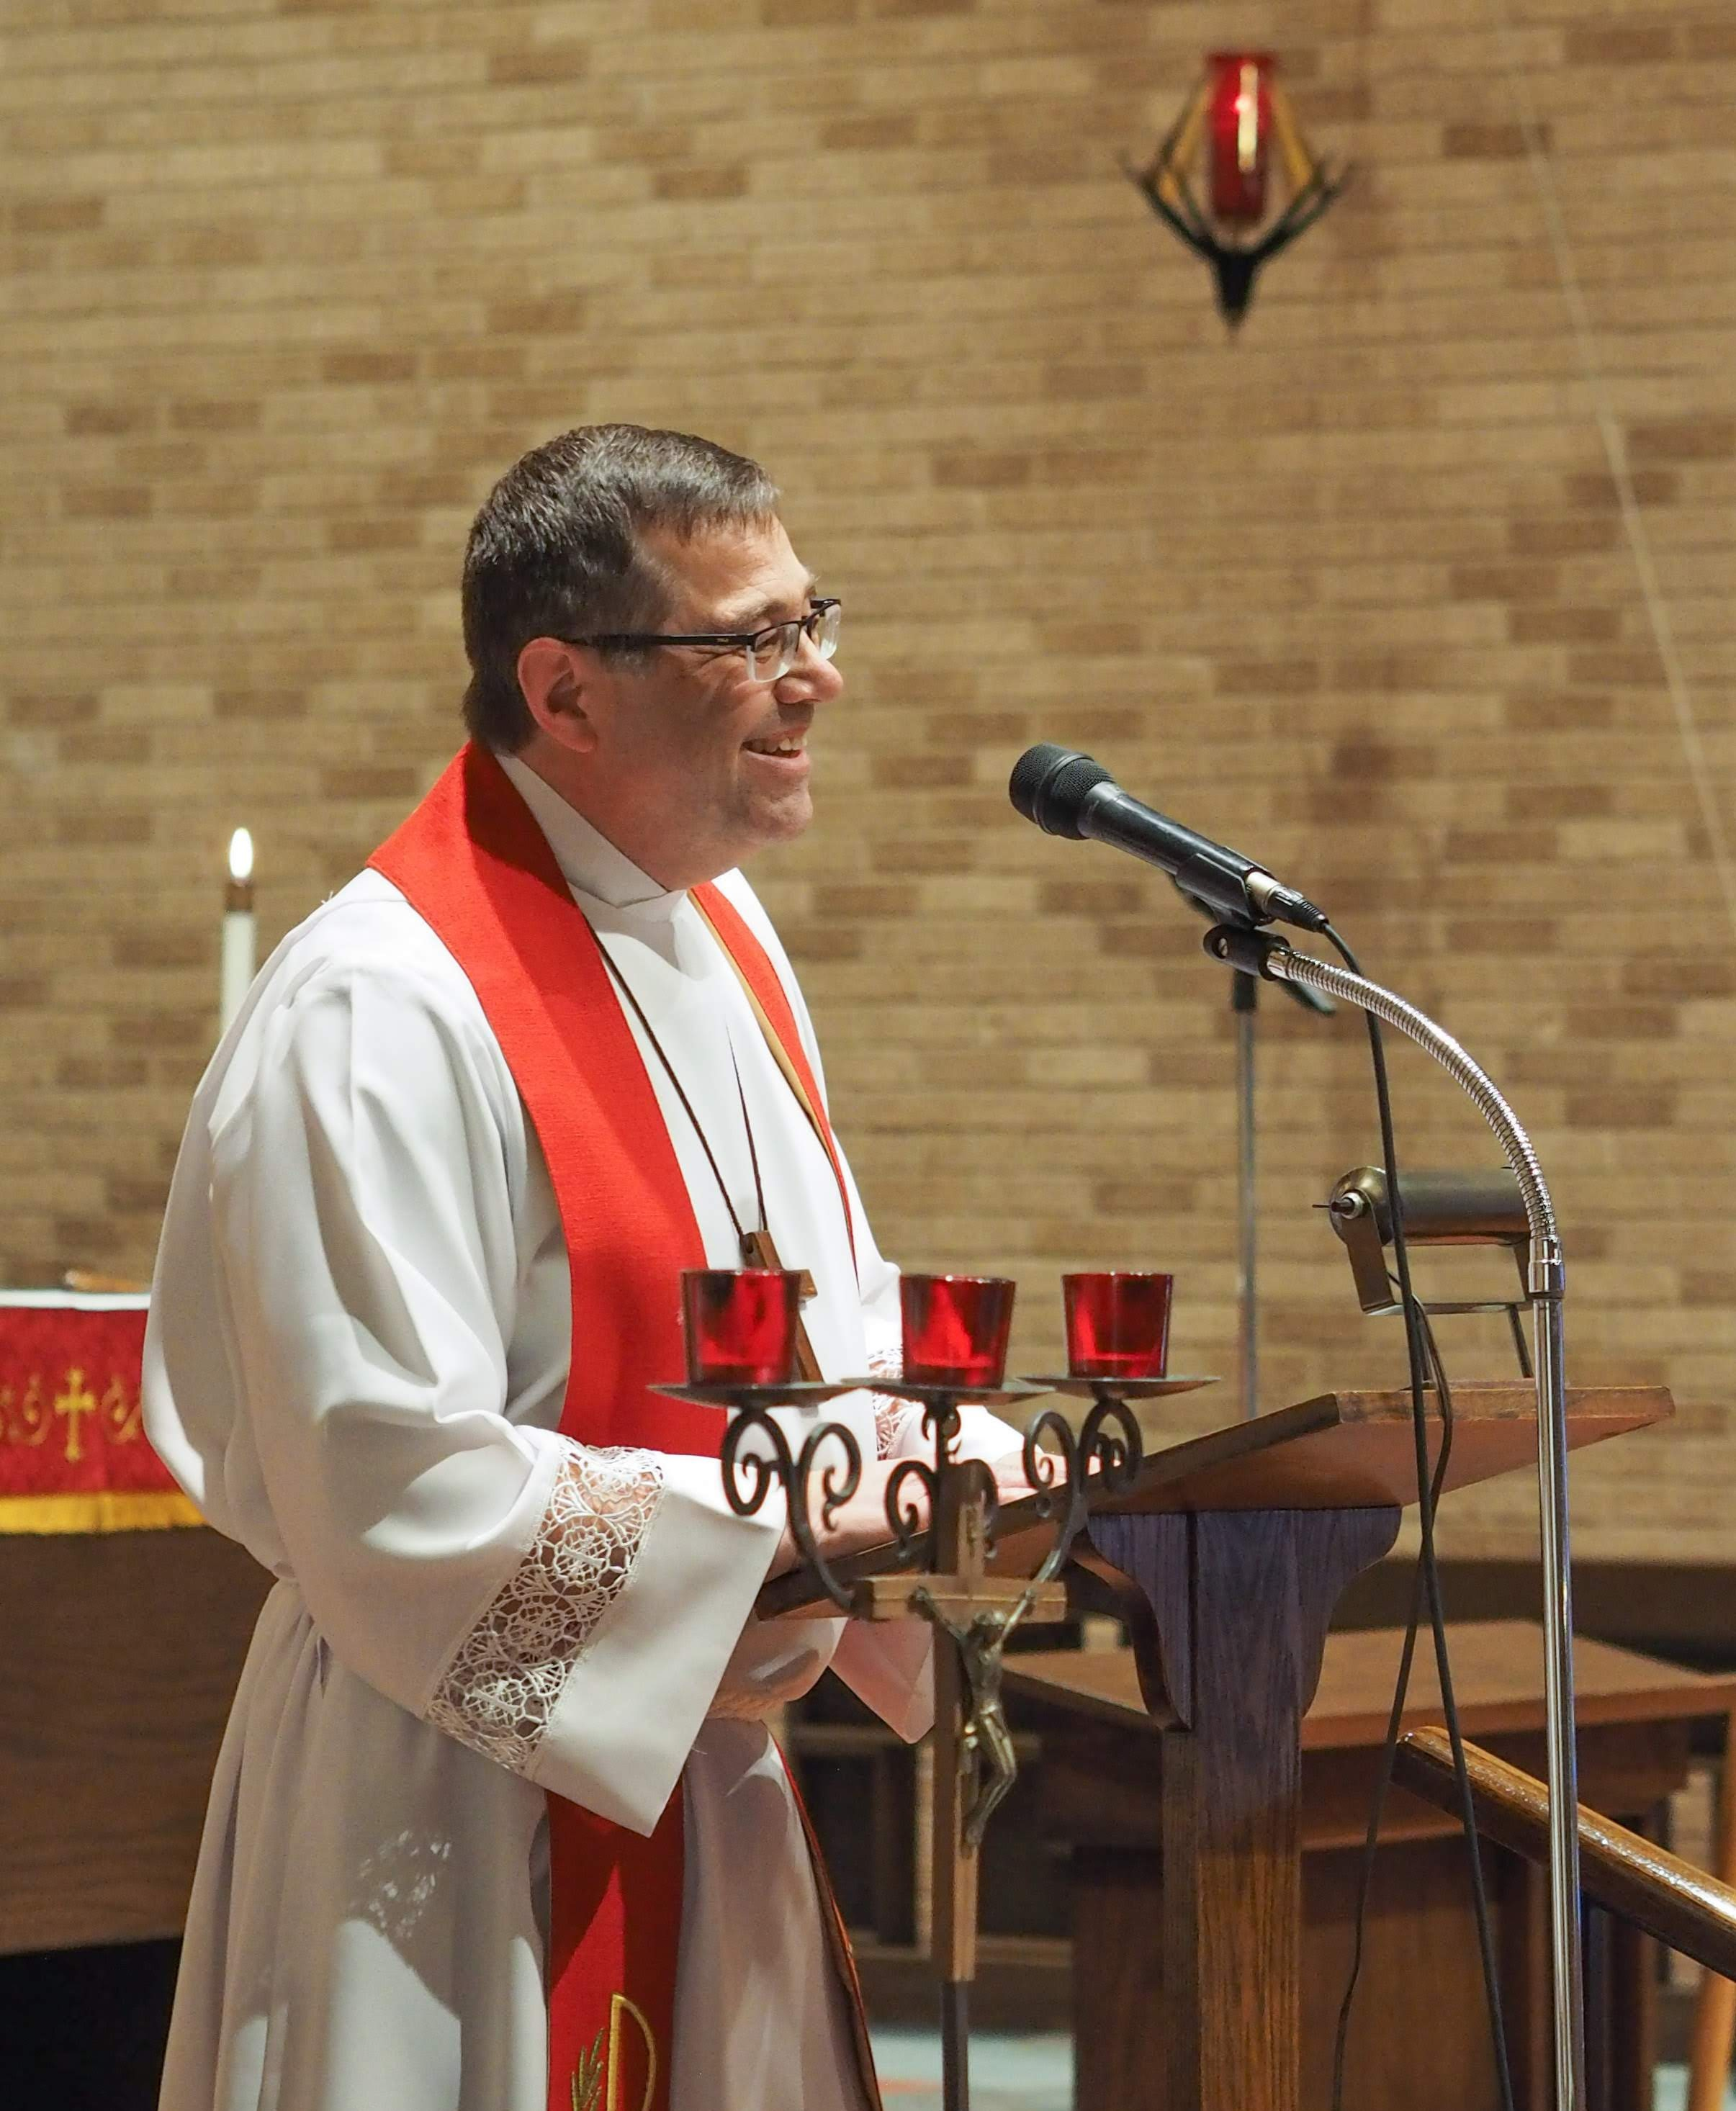 Pastor+Schaeffer-2.jpg